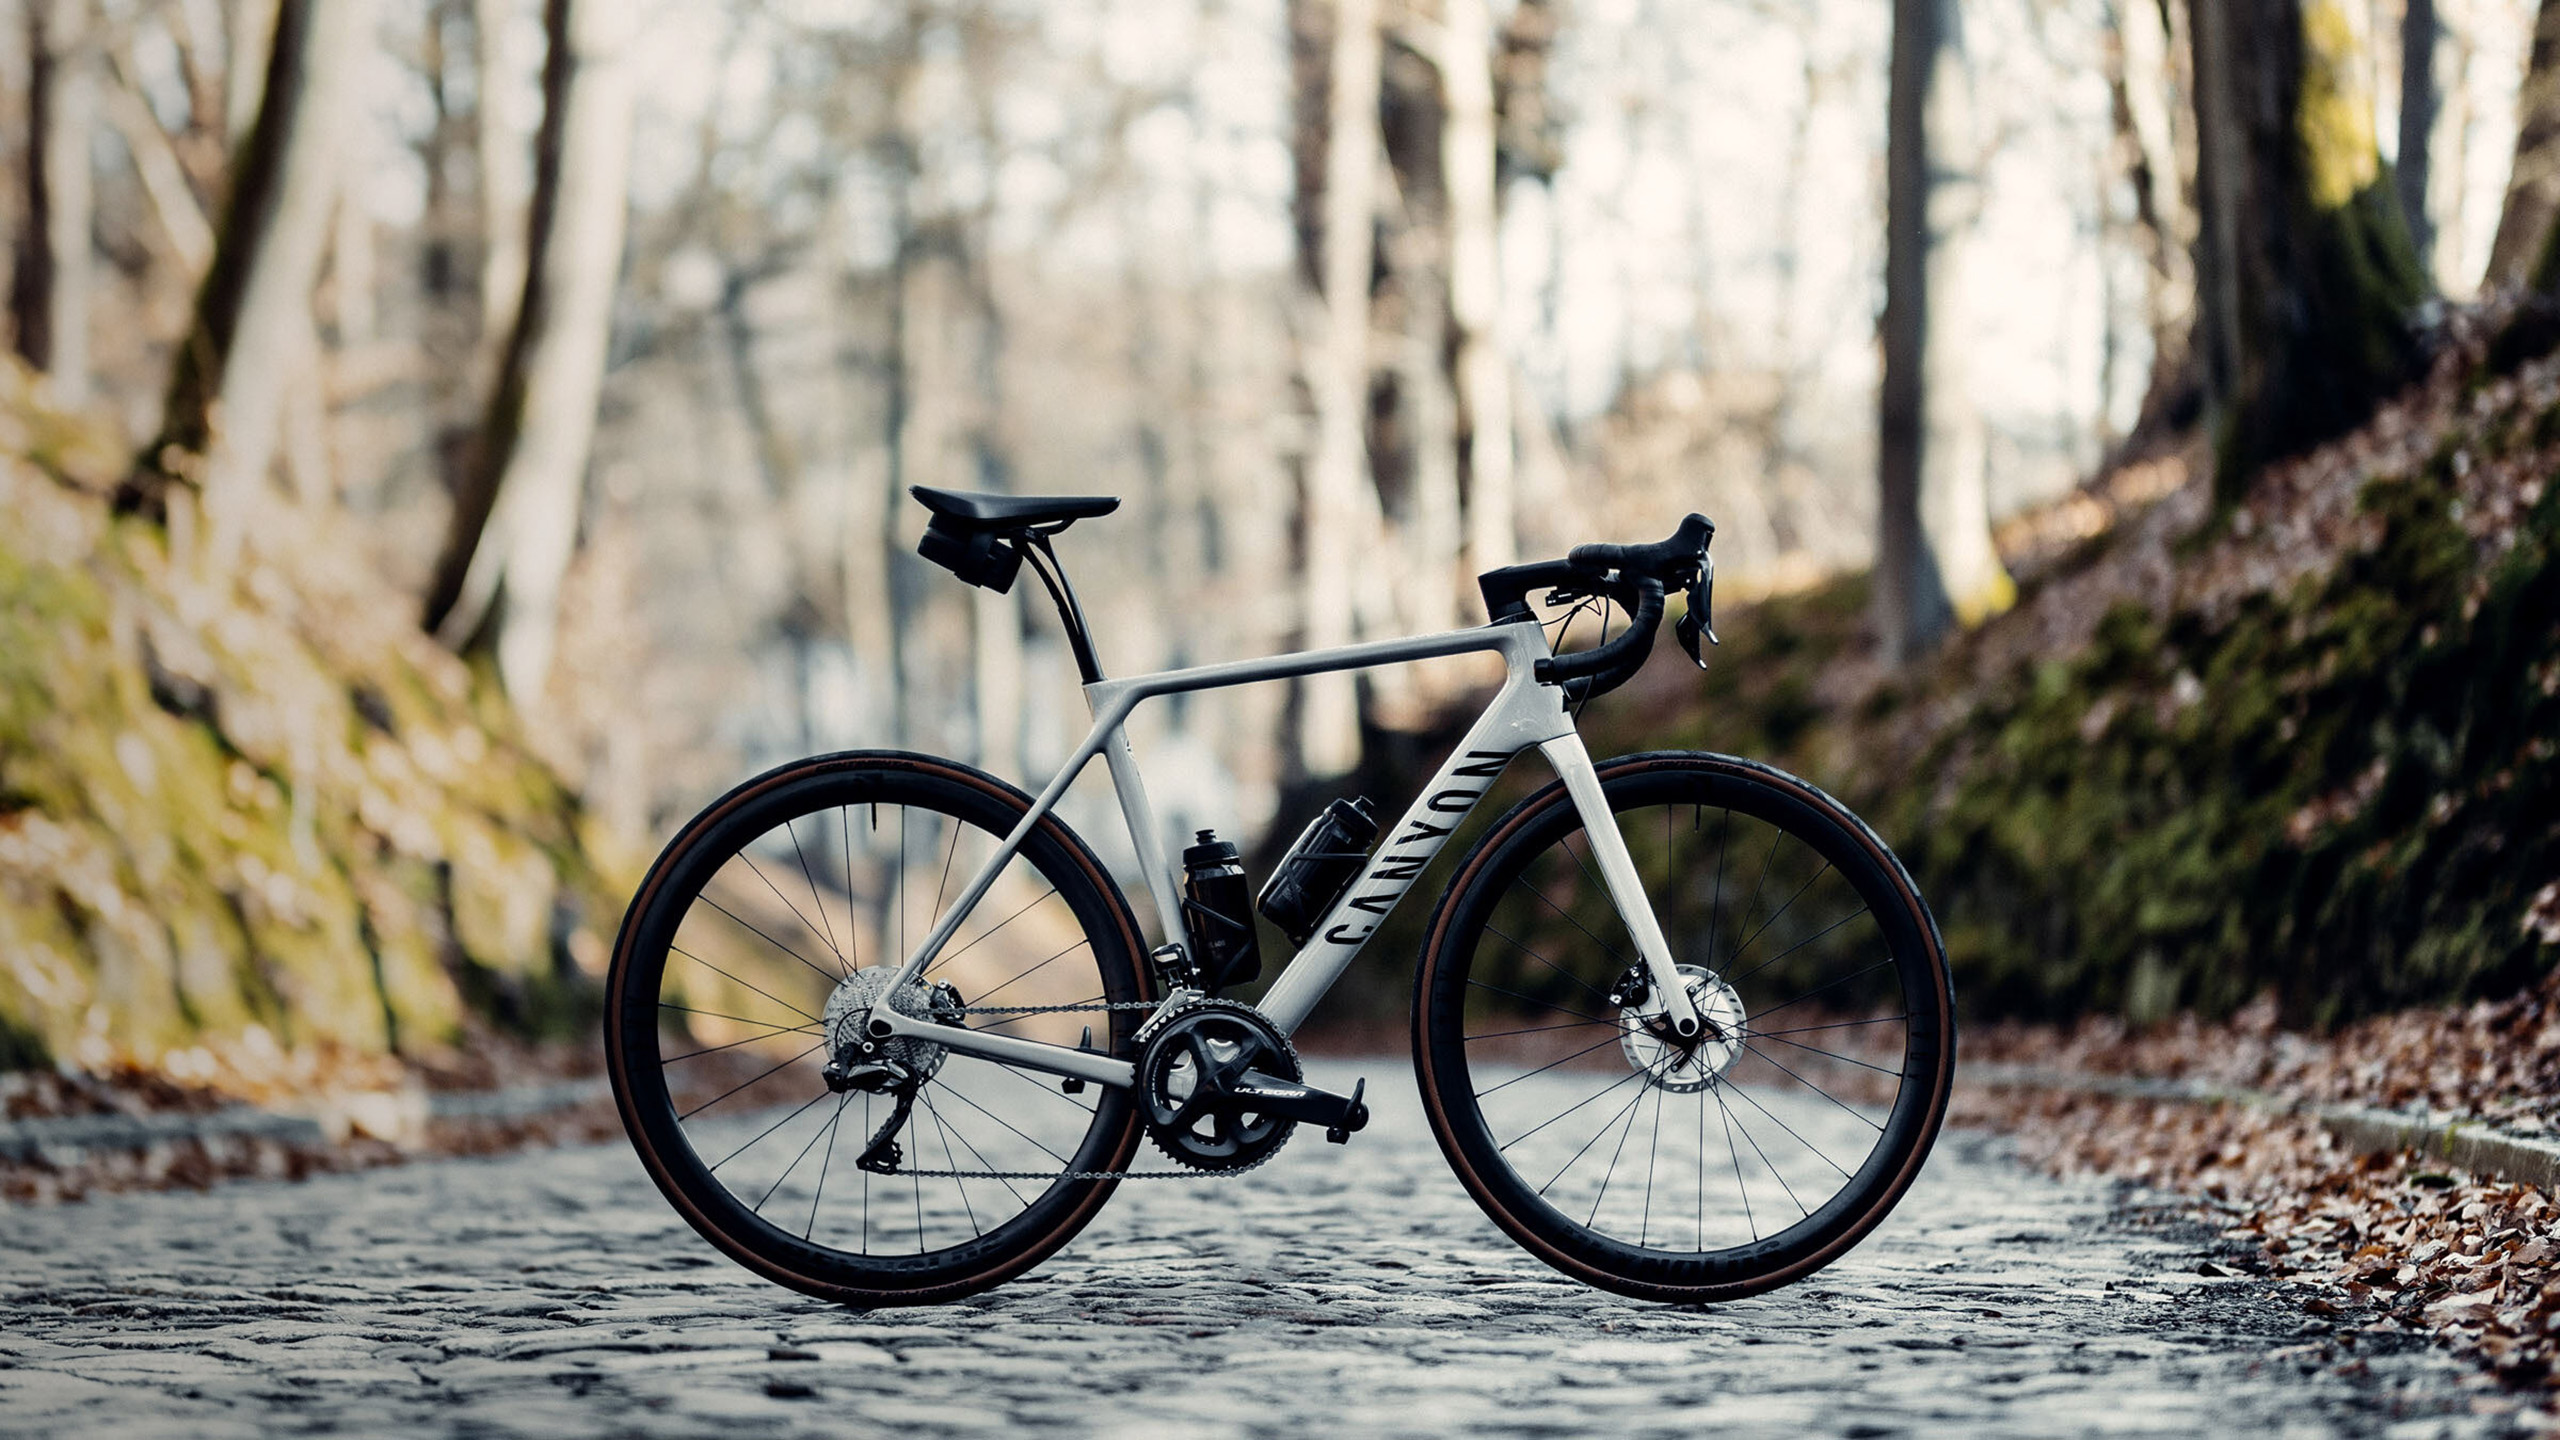 小清新,静物写真,自行车,乡间小路